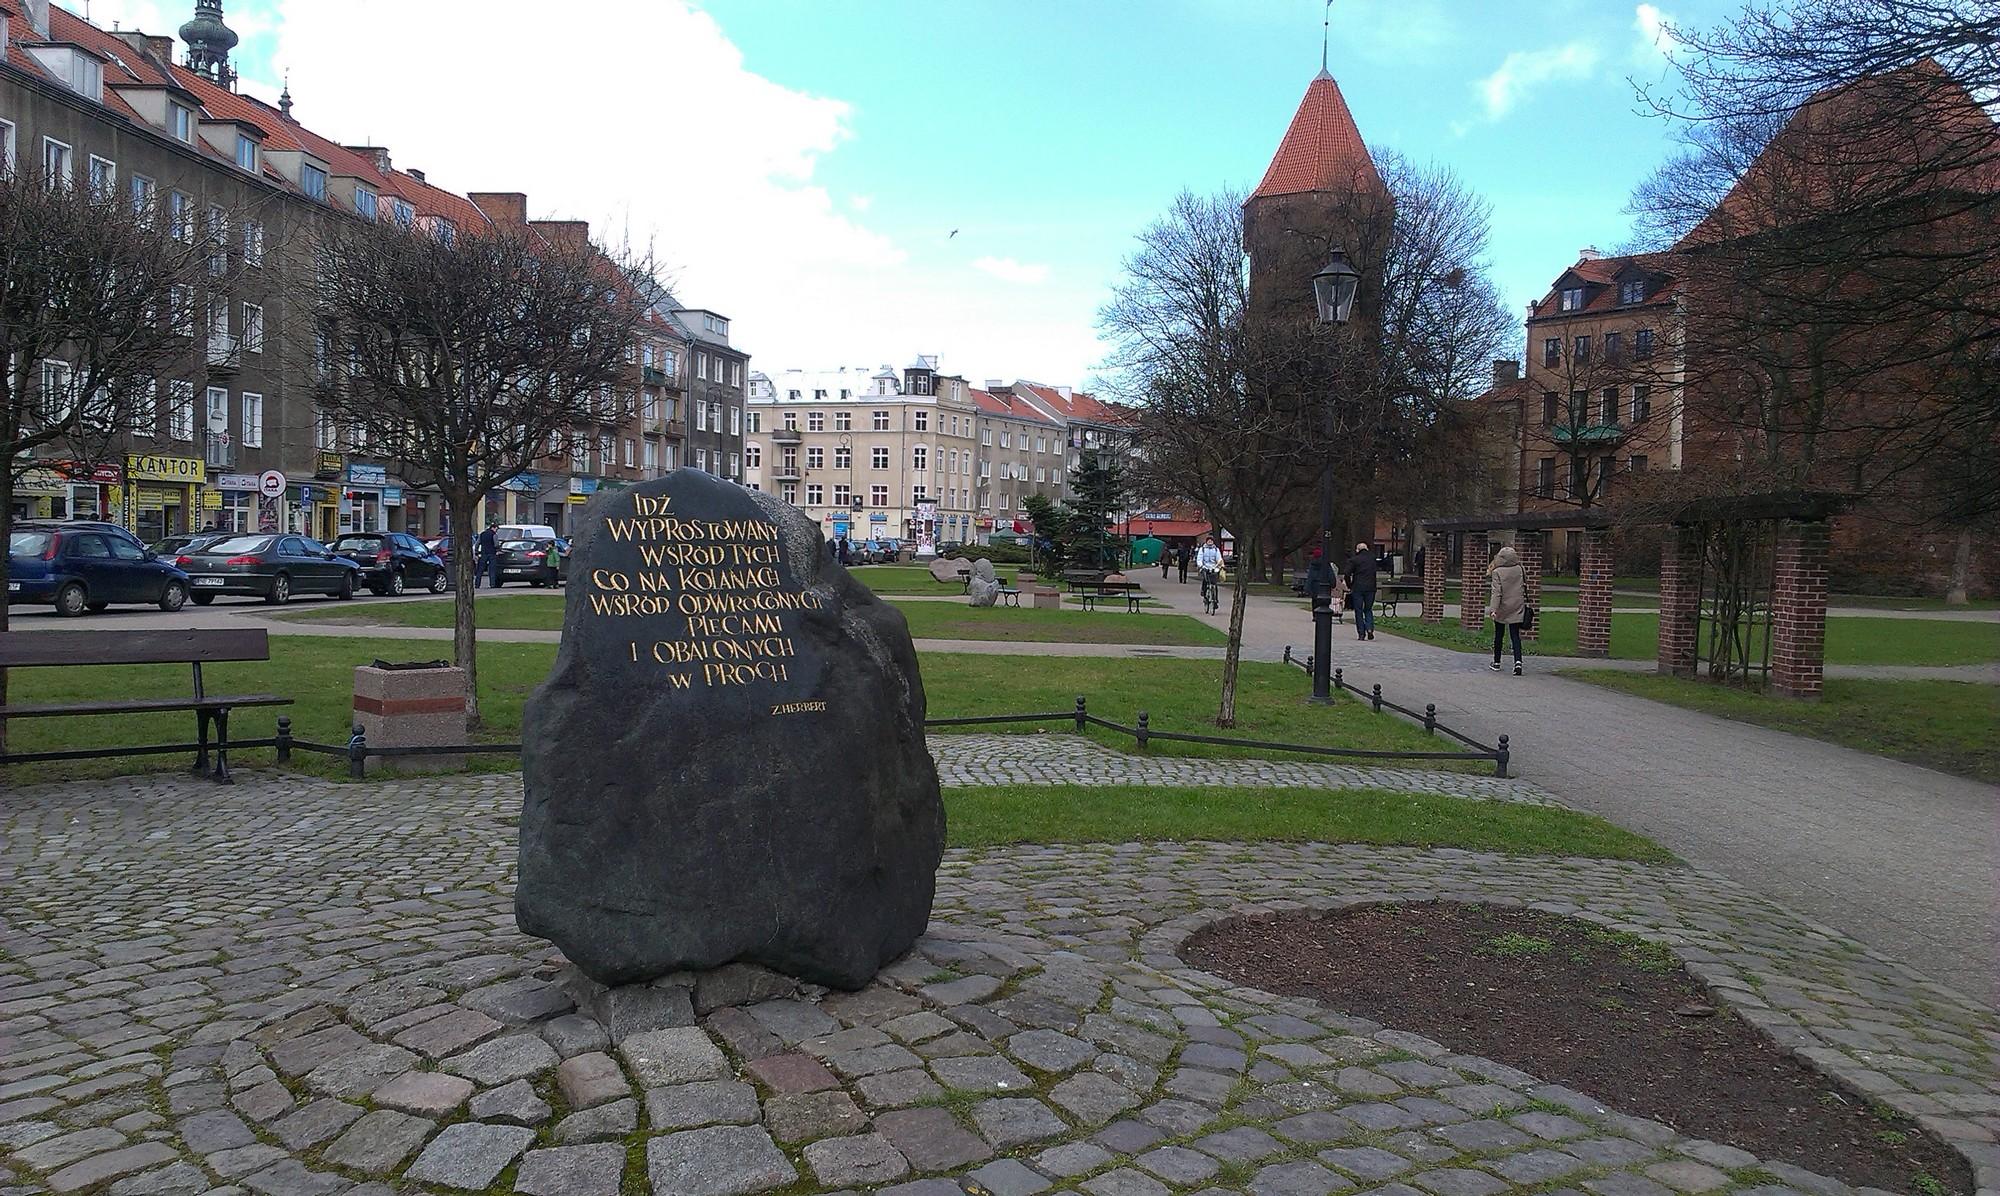 Obelisk z fragmentem wiersza Zbigniewa Herberta, plac Kobzdeja, Gdańsk, fot. Stako (źródło: Wikimedia Commons, CC BY-SA 4.0)